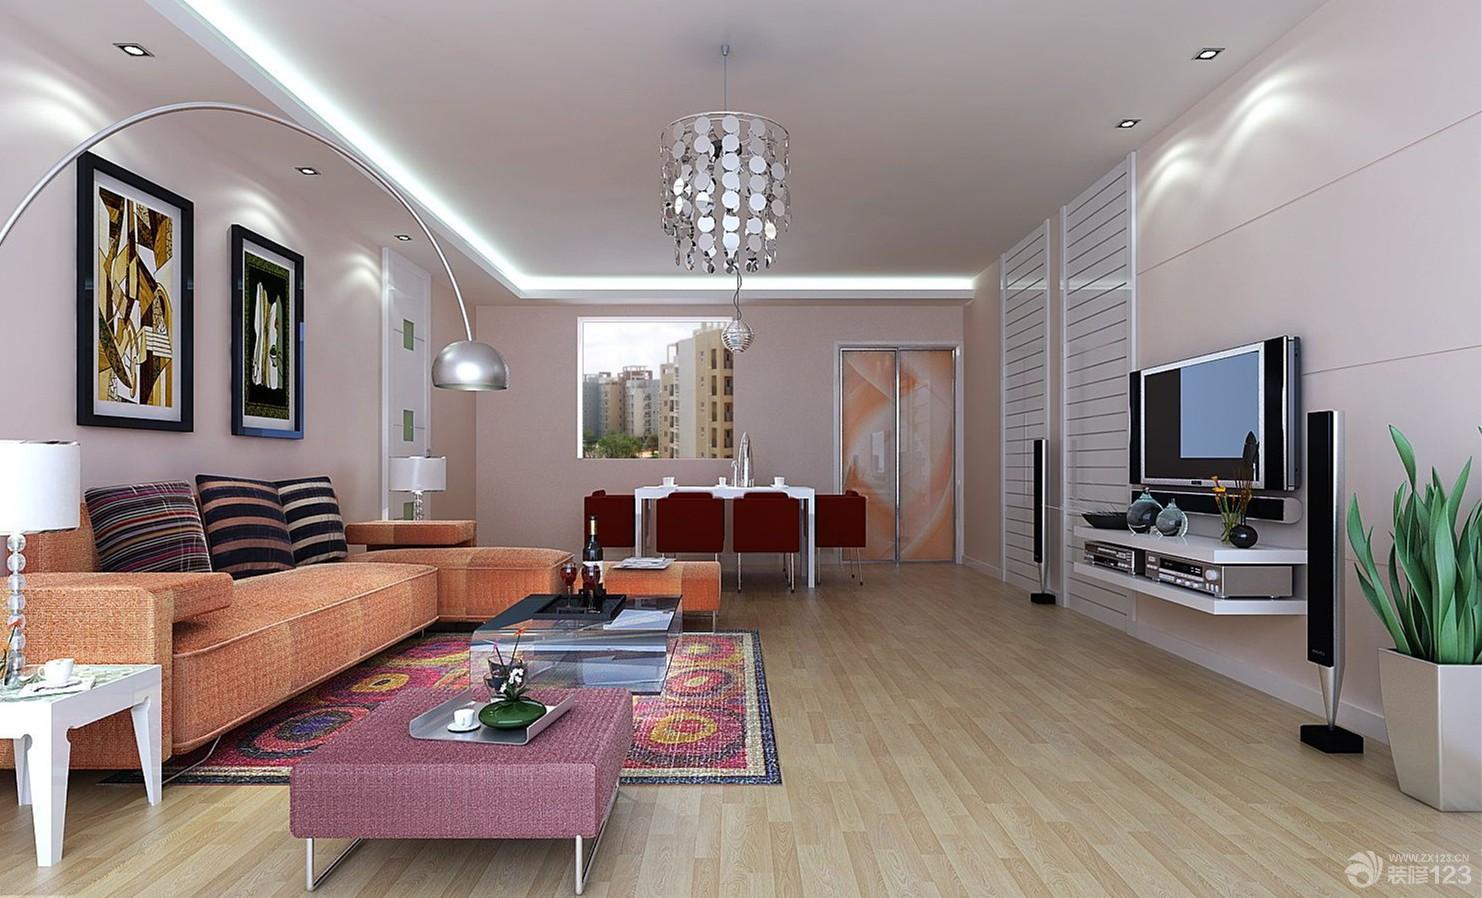 农村楼房室内风格设计图展示